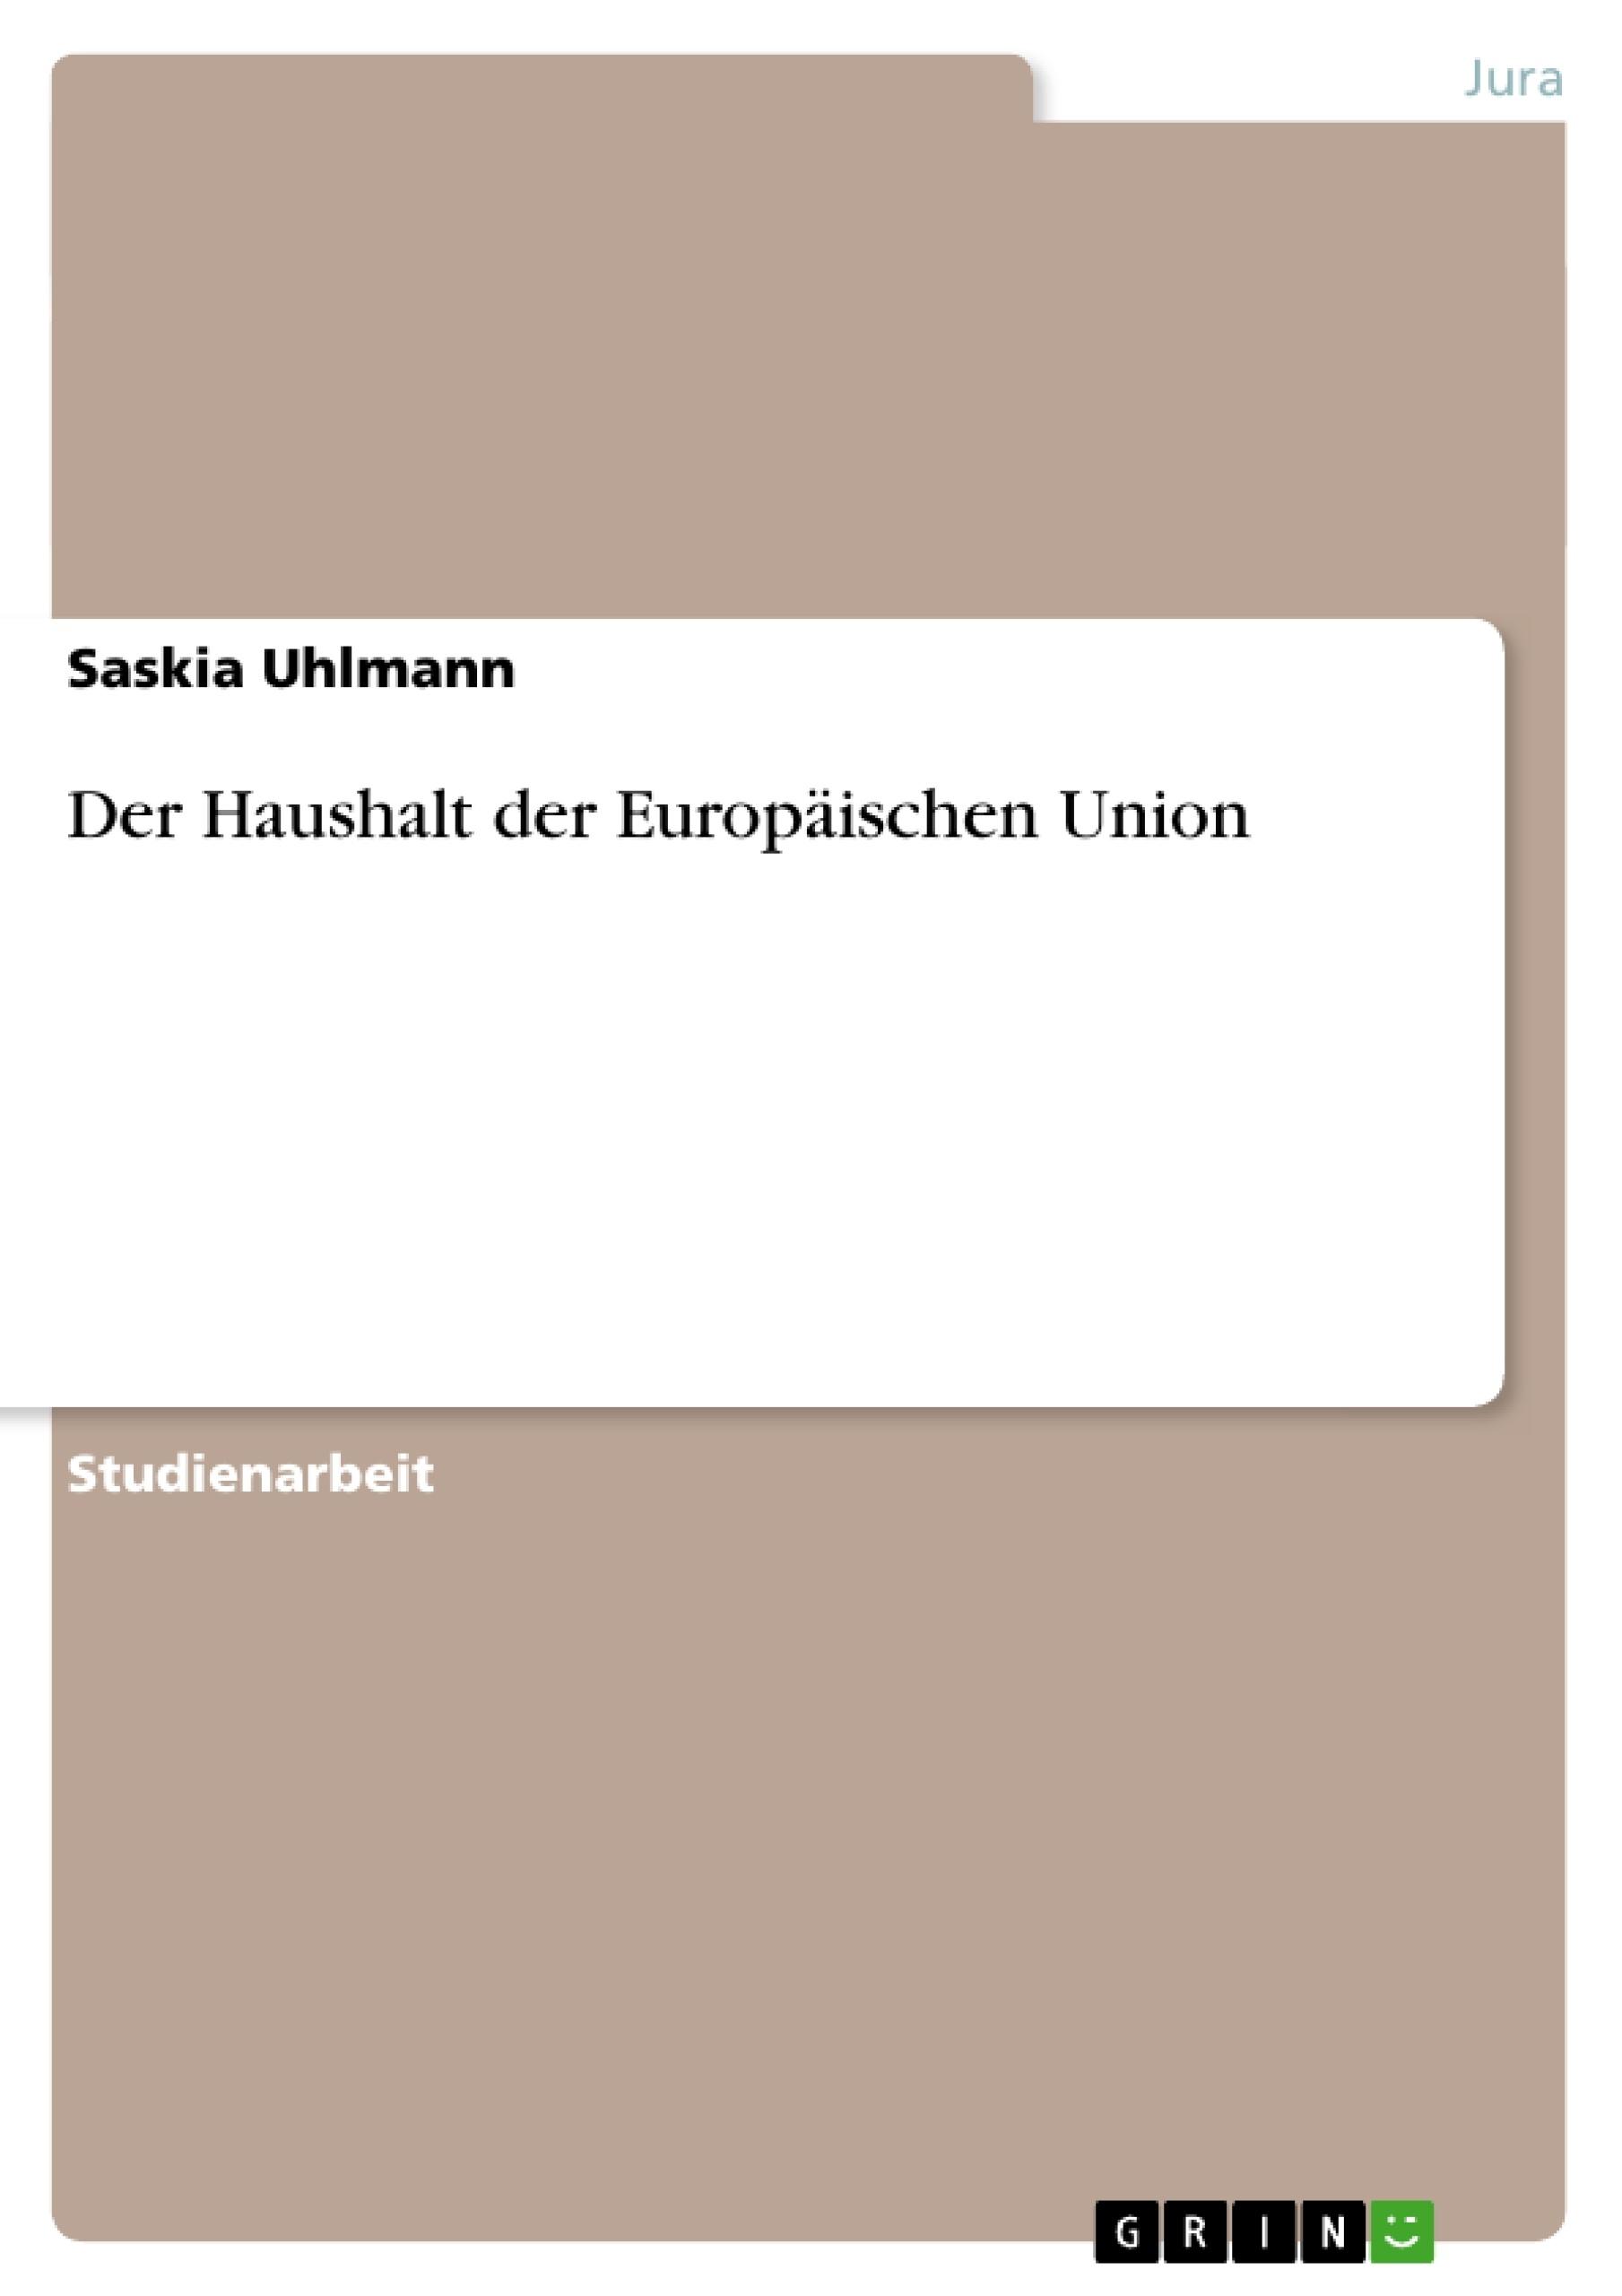 Titel: Der Haushalt der Europäischen Union